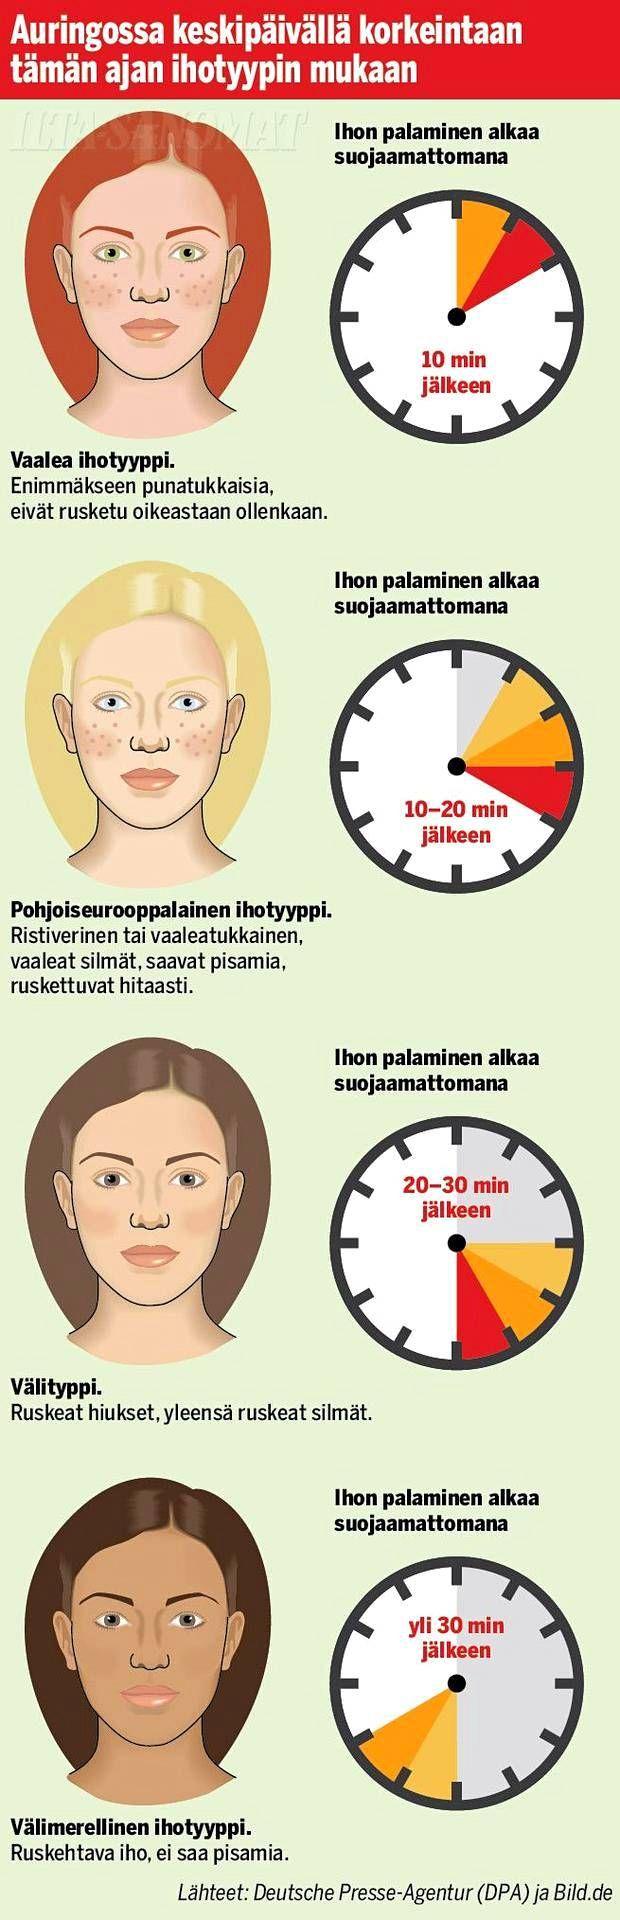 Tunne ihotyyppisi, sillä voit olla auringossa oikeasti vain lyhyen ajan turvallisesti.